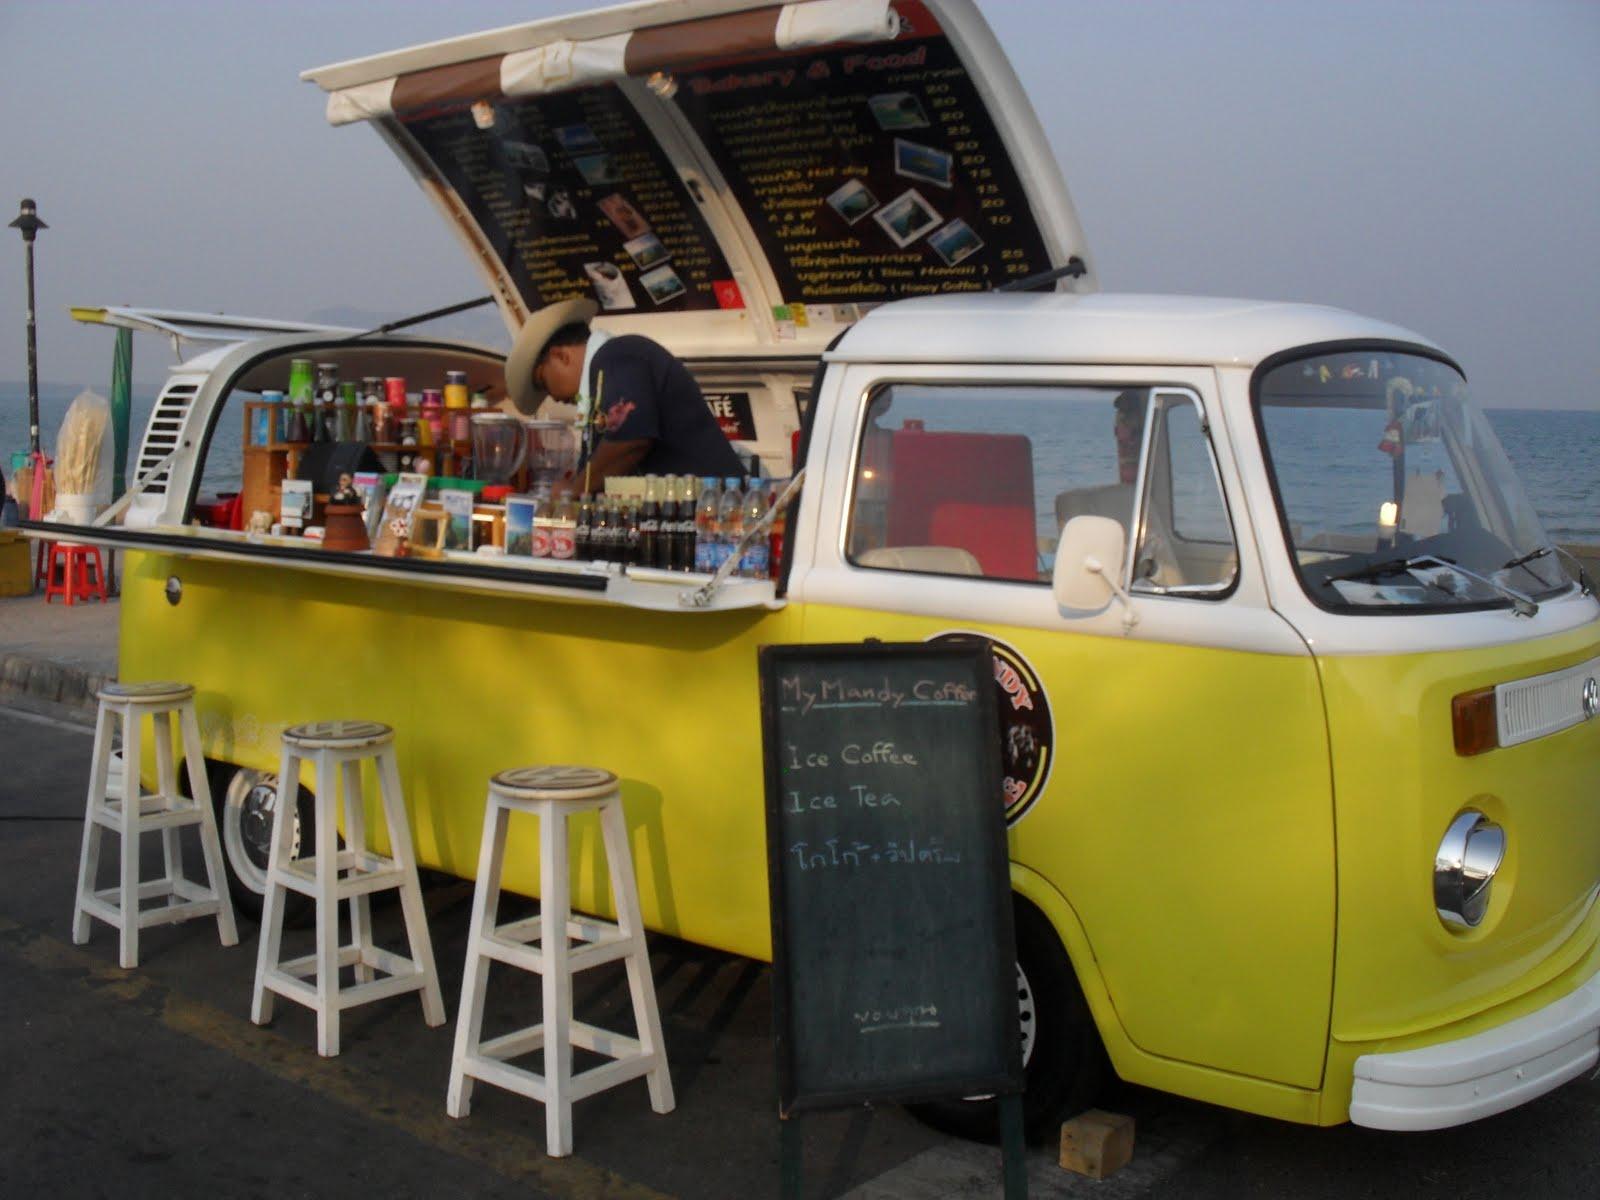 gl s van sold volkswagen youtube sale vanagon watch for hippie